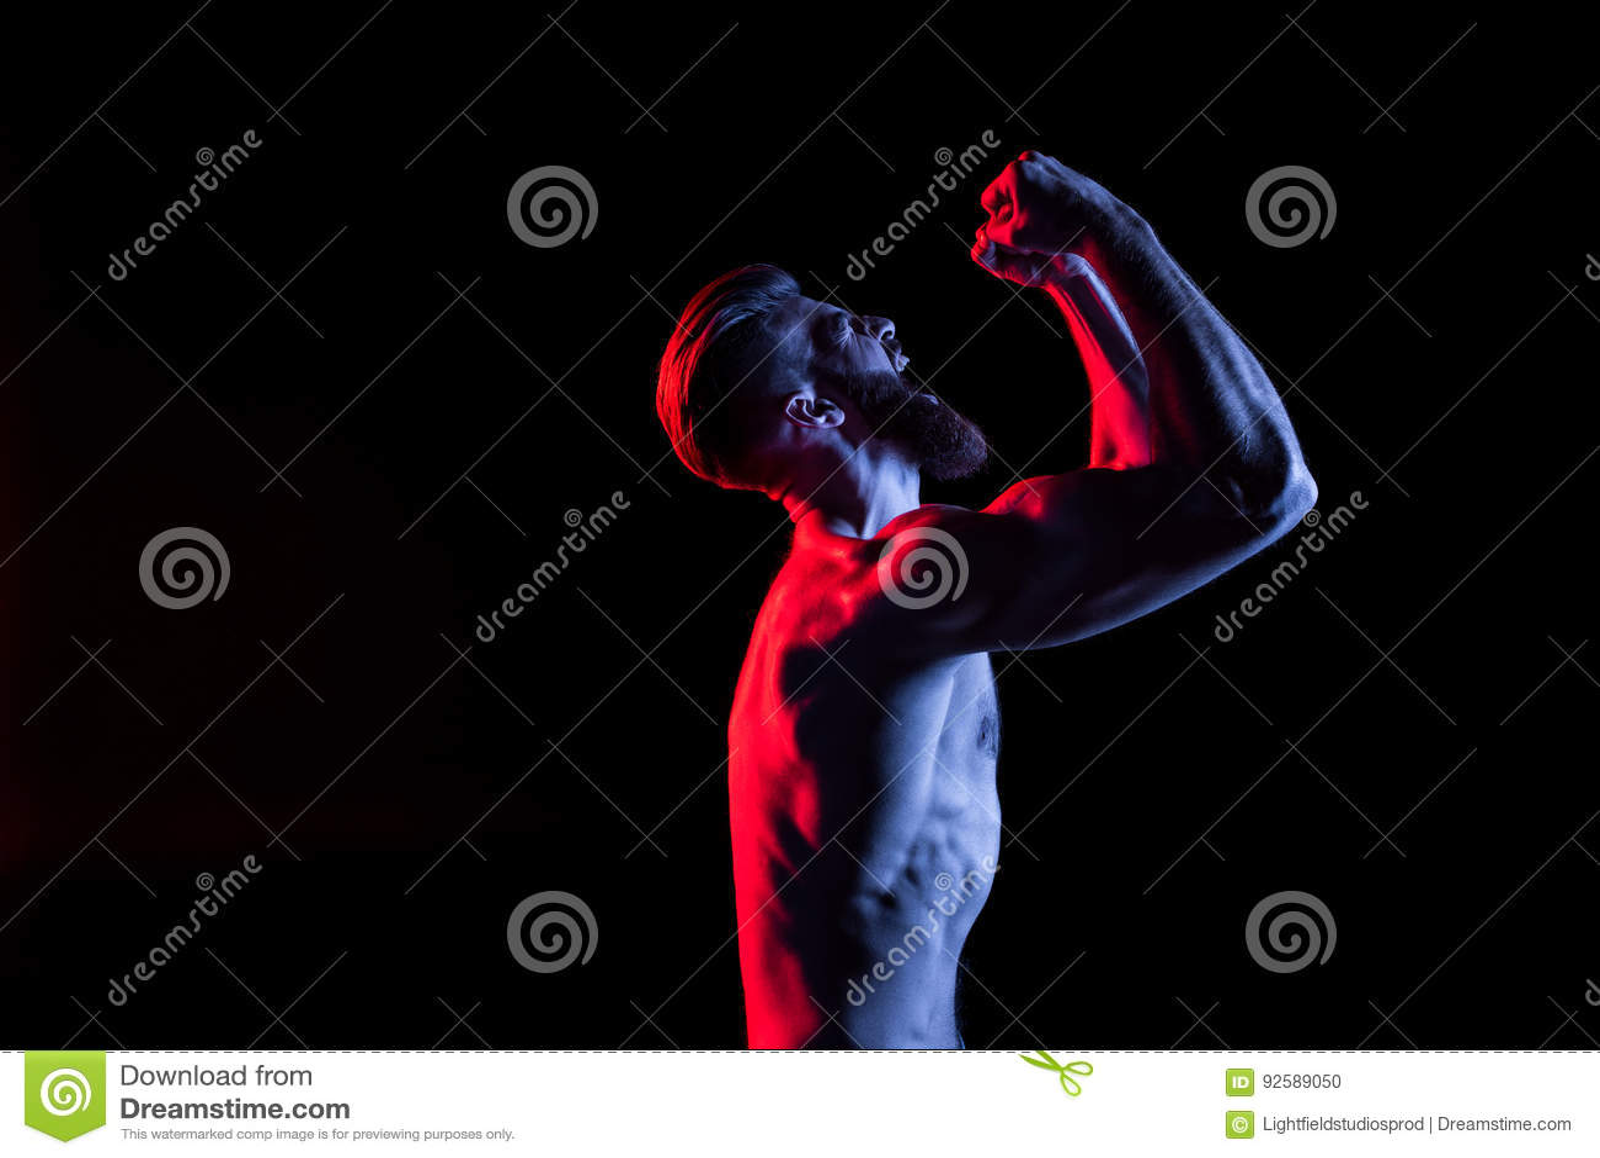 叫喊的爱好健美者打手势和隔绝在与剧烈的照明设备的黑色